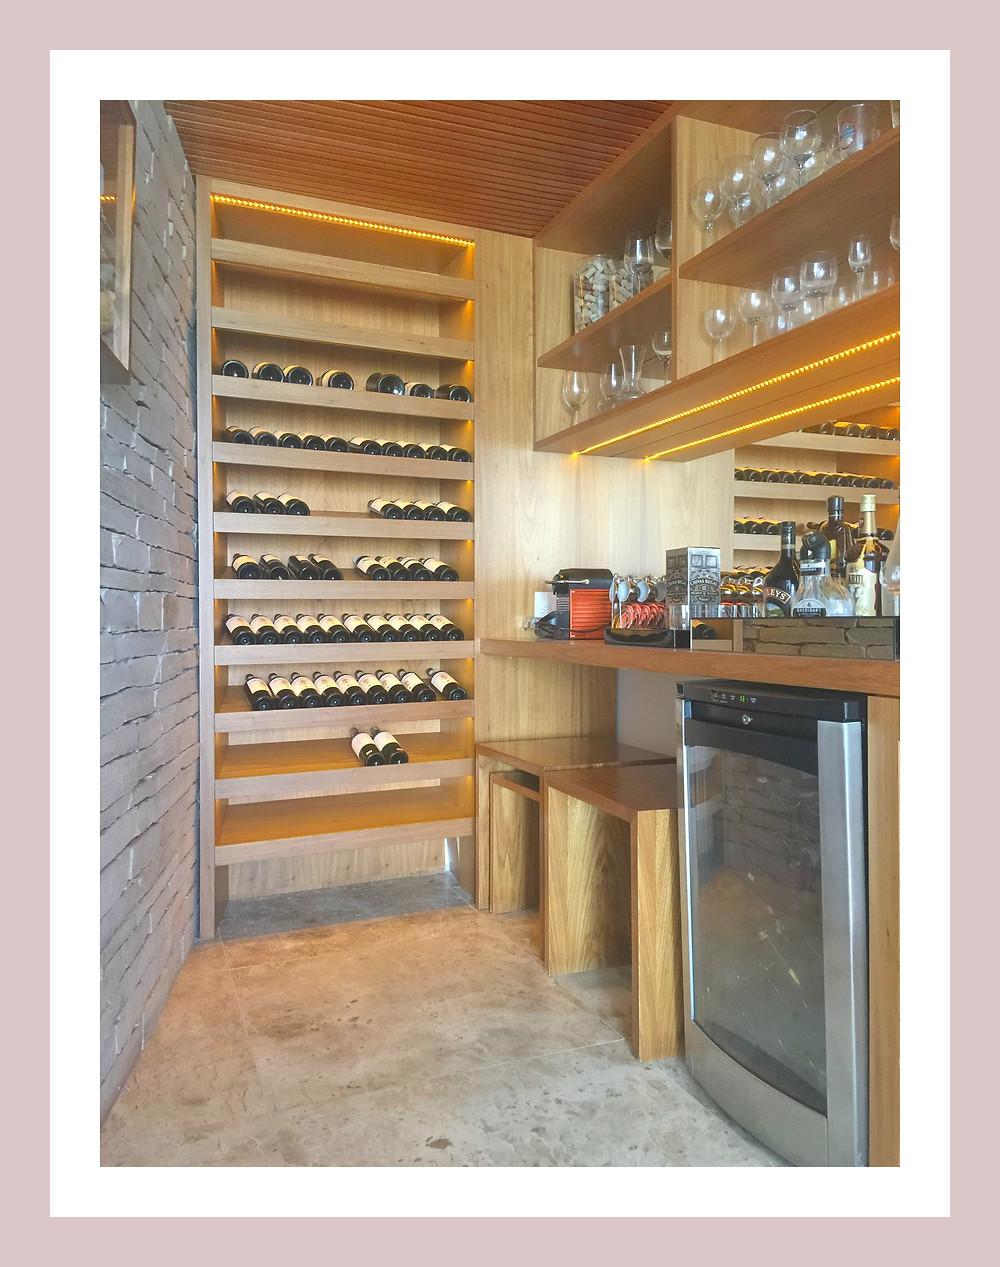 Projeto de Adegas arquitetura de interiores Aletheia Westermann Arquitetos Juiz de Fora